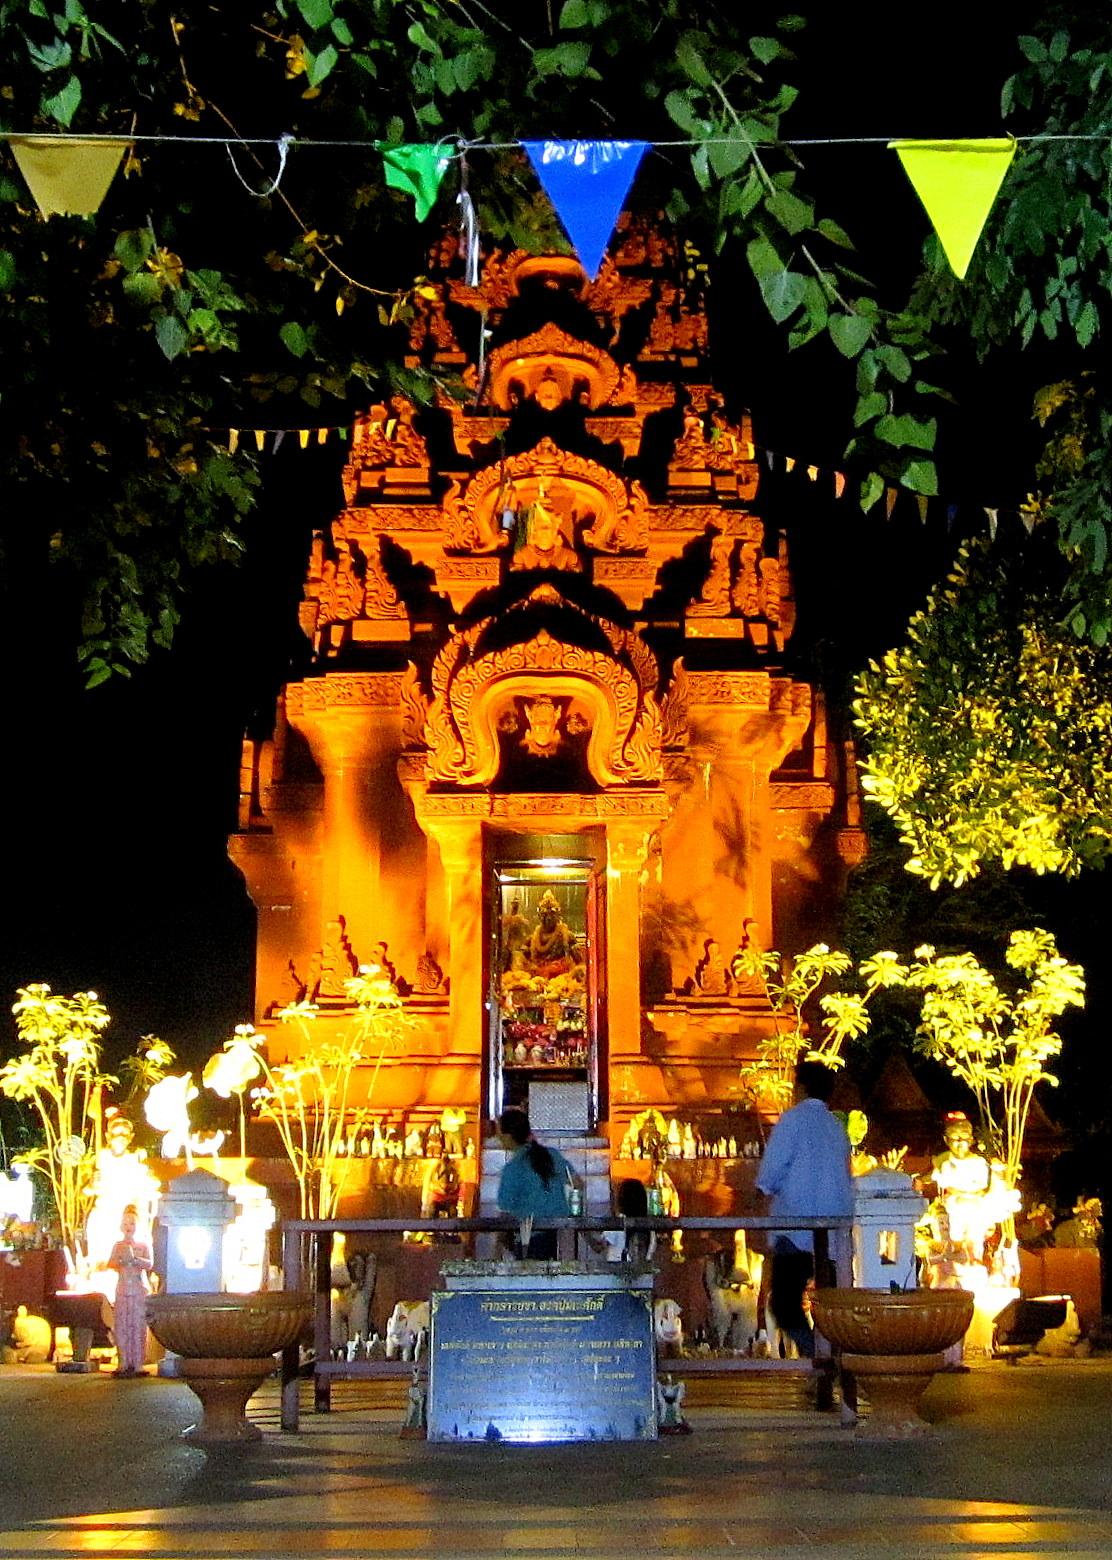 A temple in Khon Kaen, Thailand